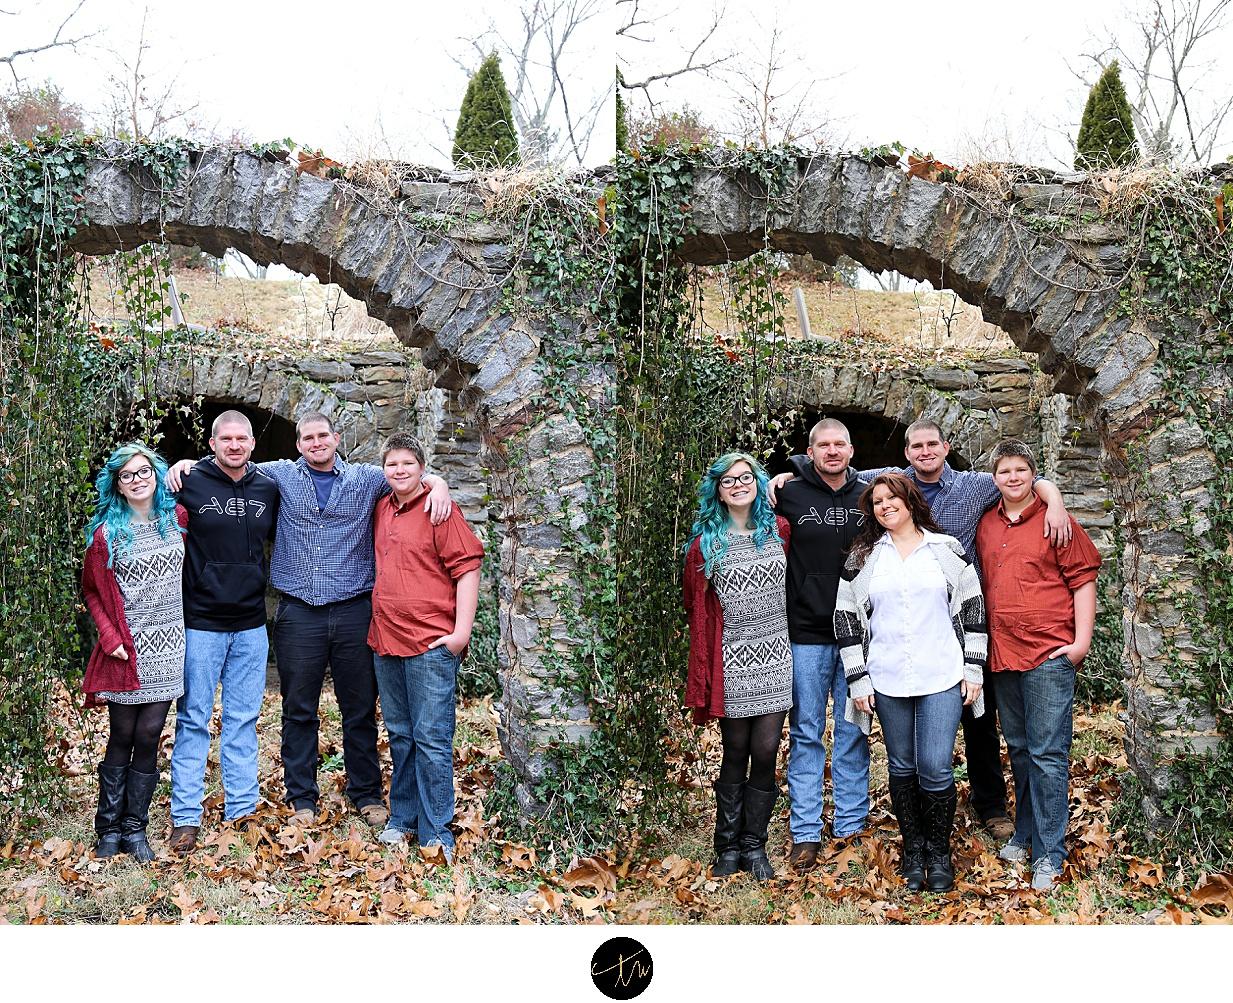 2014-12-24_0008.jpg